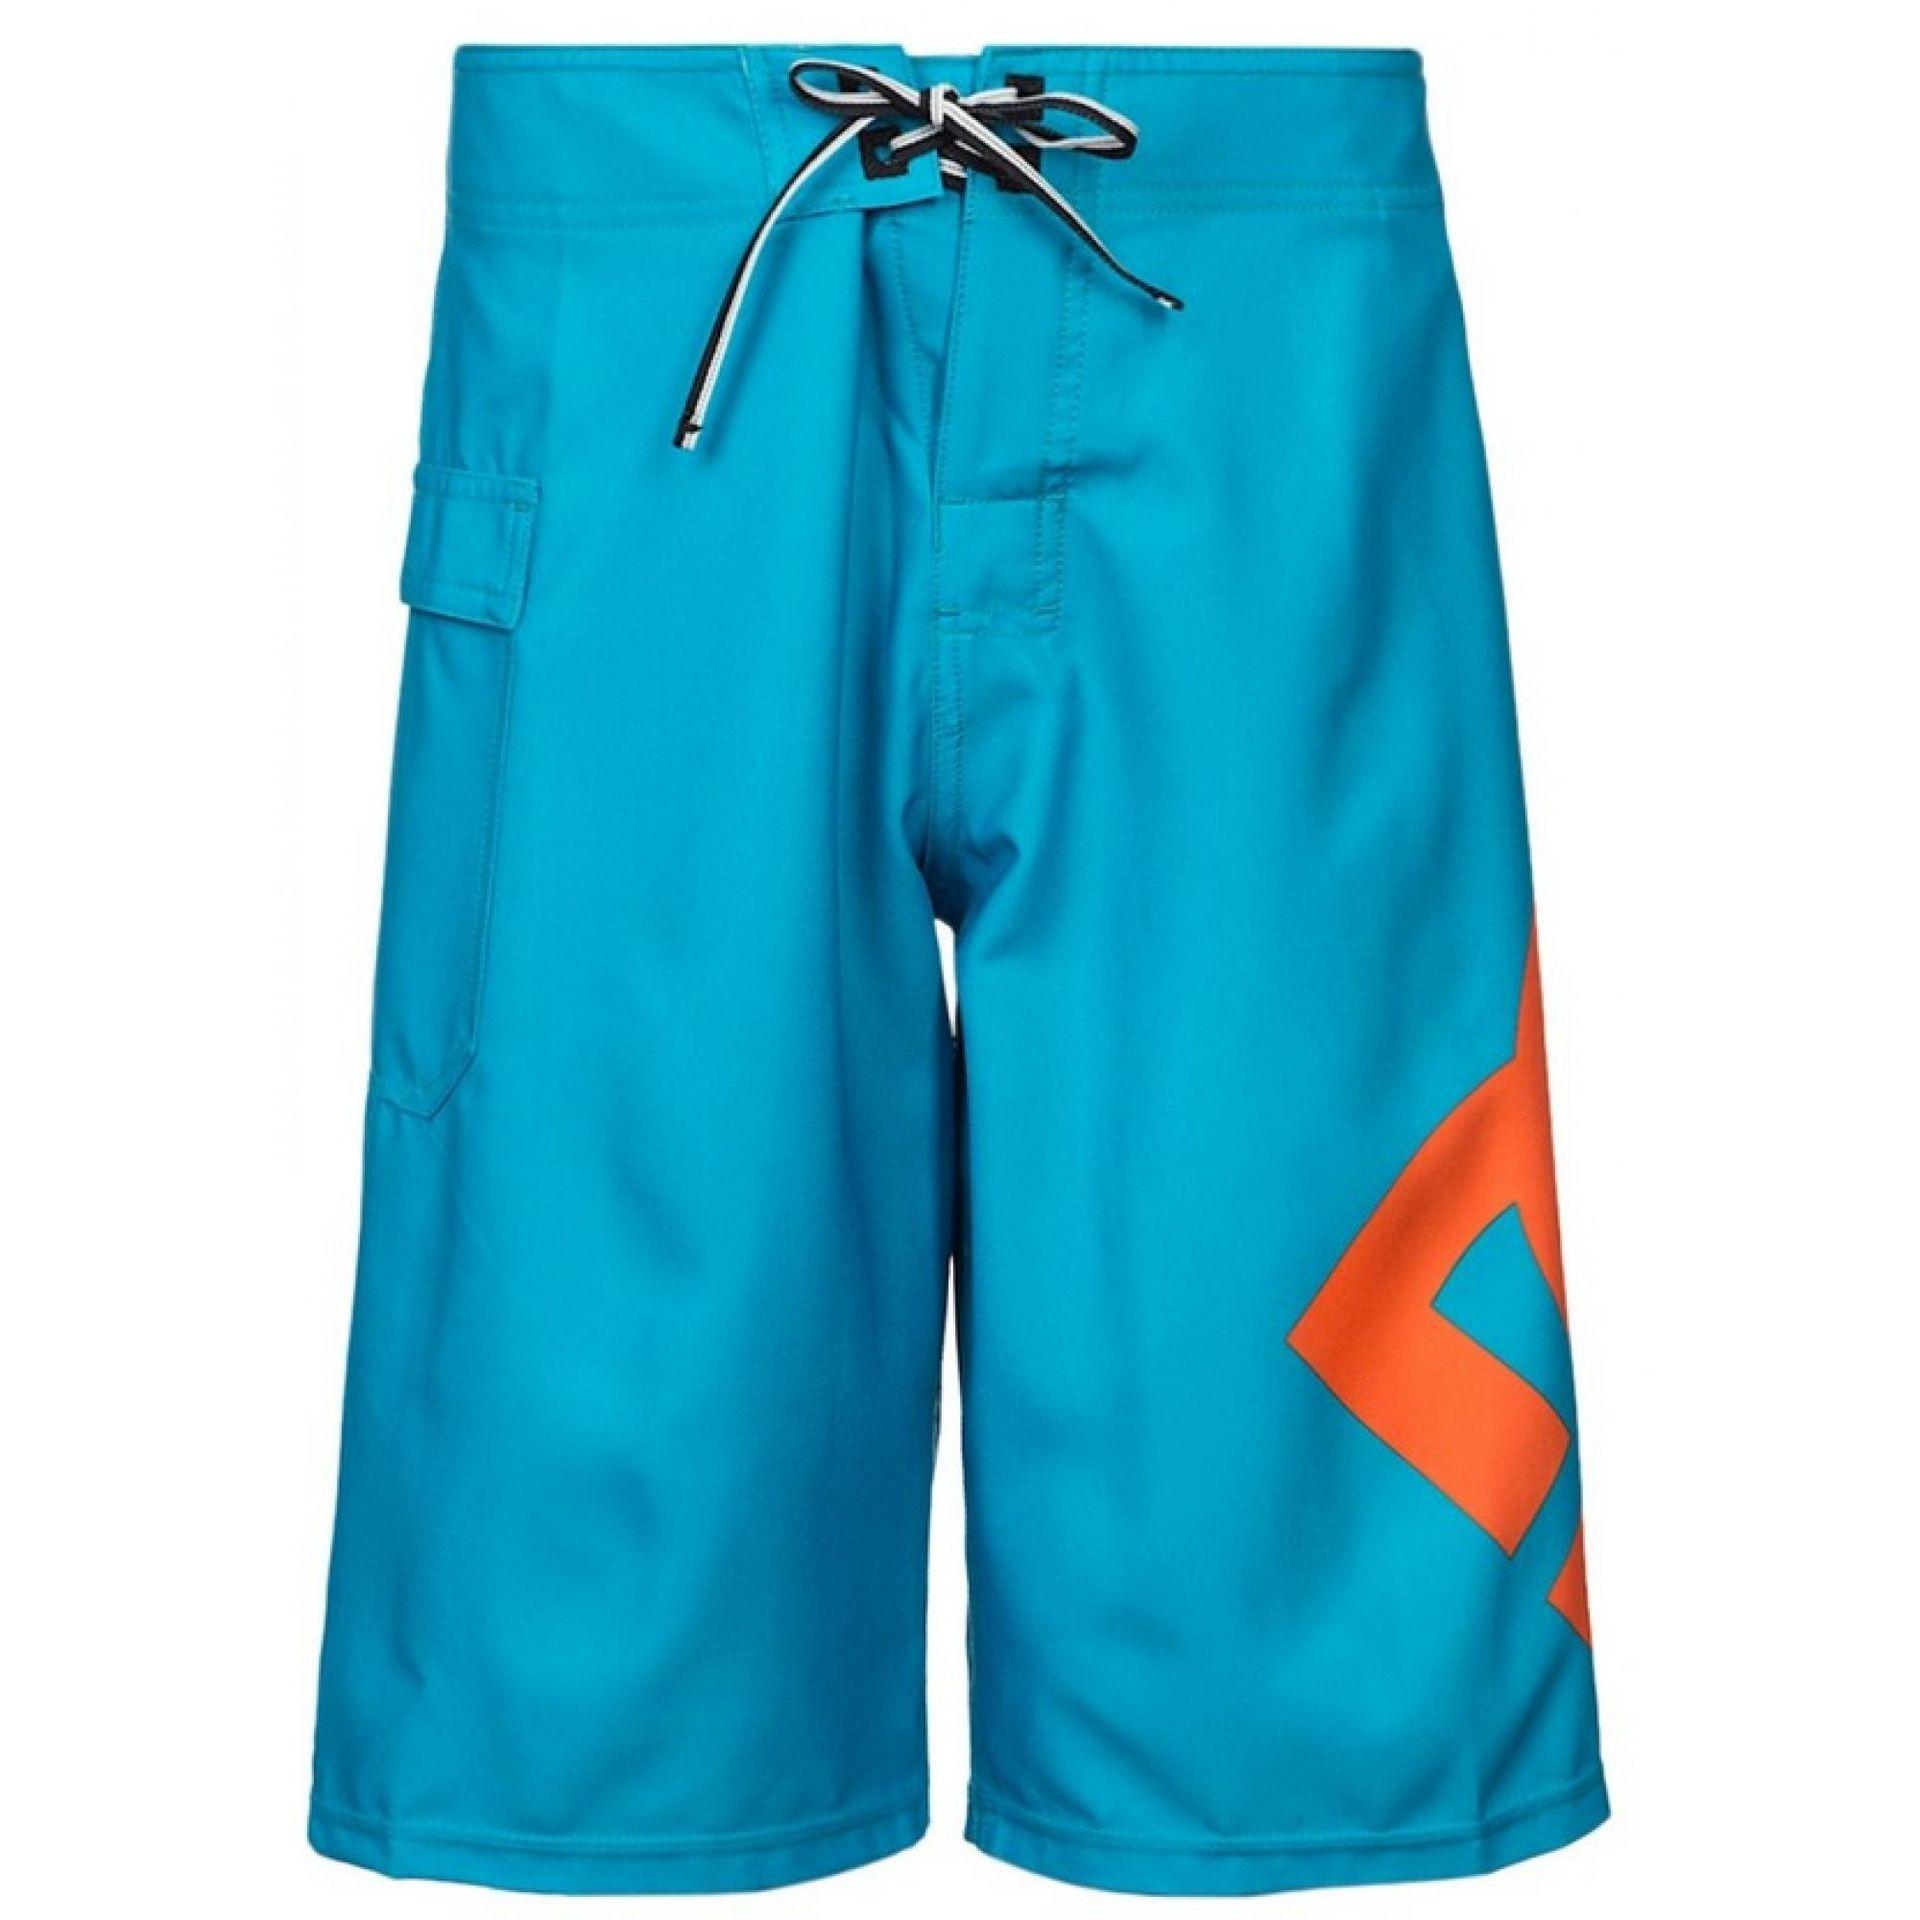 Boardshorty DC Lanai Ess 4 niebieski